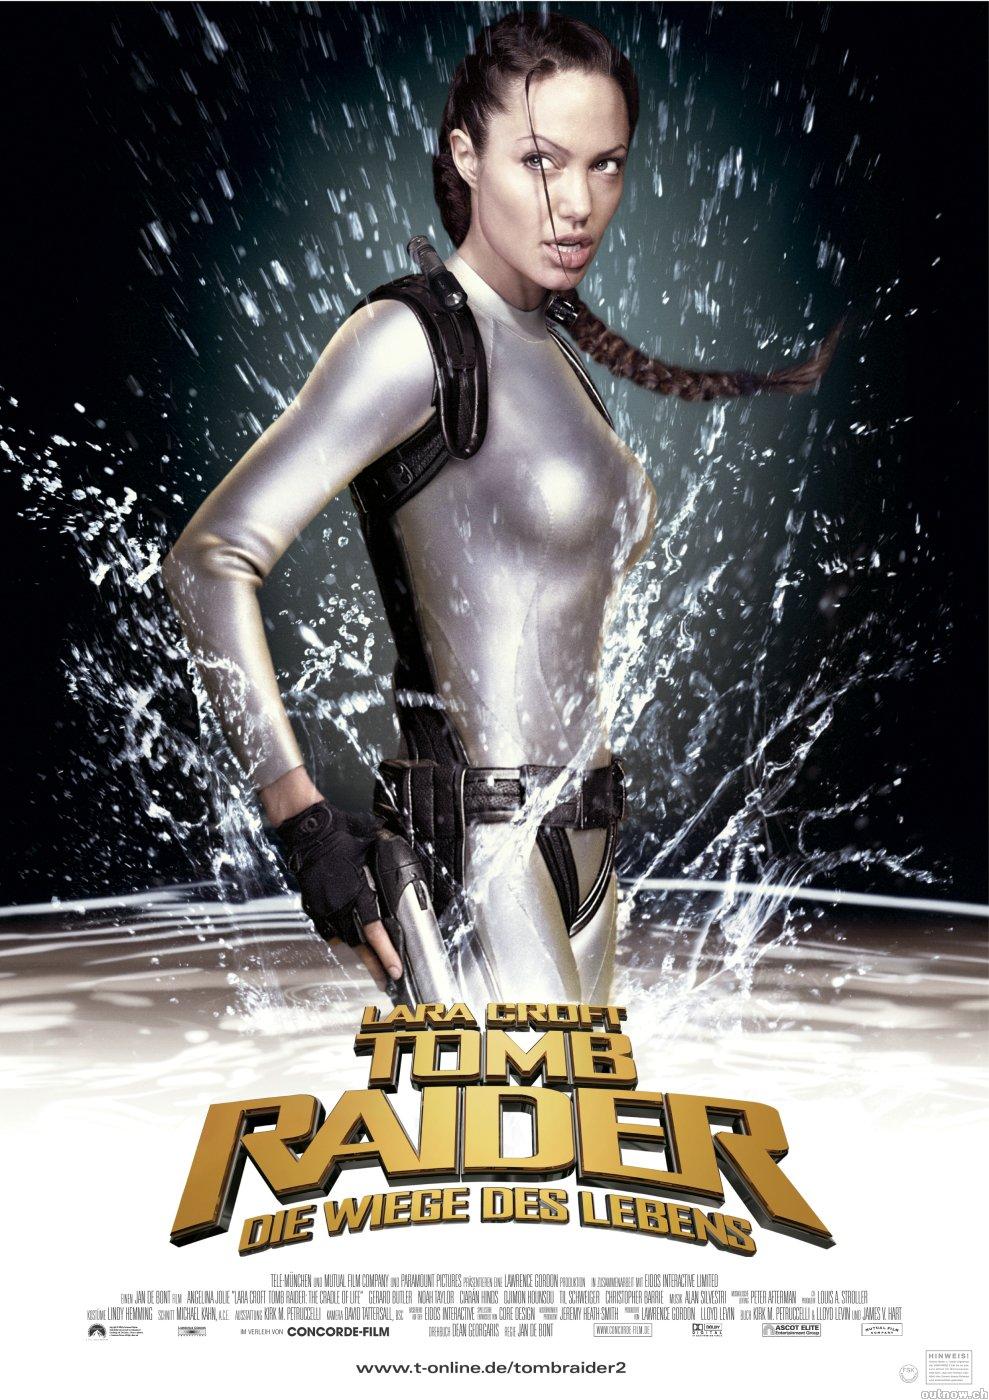 http://images4.wikia.nocookie.net/__cb20130114114708/tombraider/de/images/5/56/Lara_Croft-_Tomb_Raider_-_Die_Wiege_des_Lebens_Filmplakat.jpg